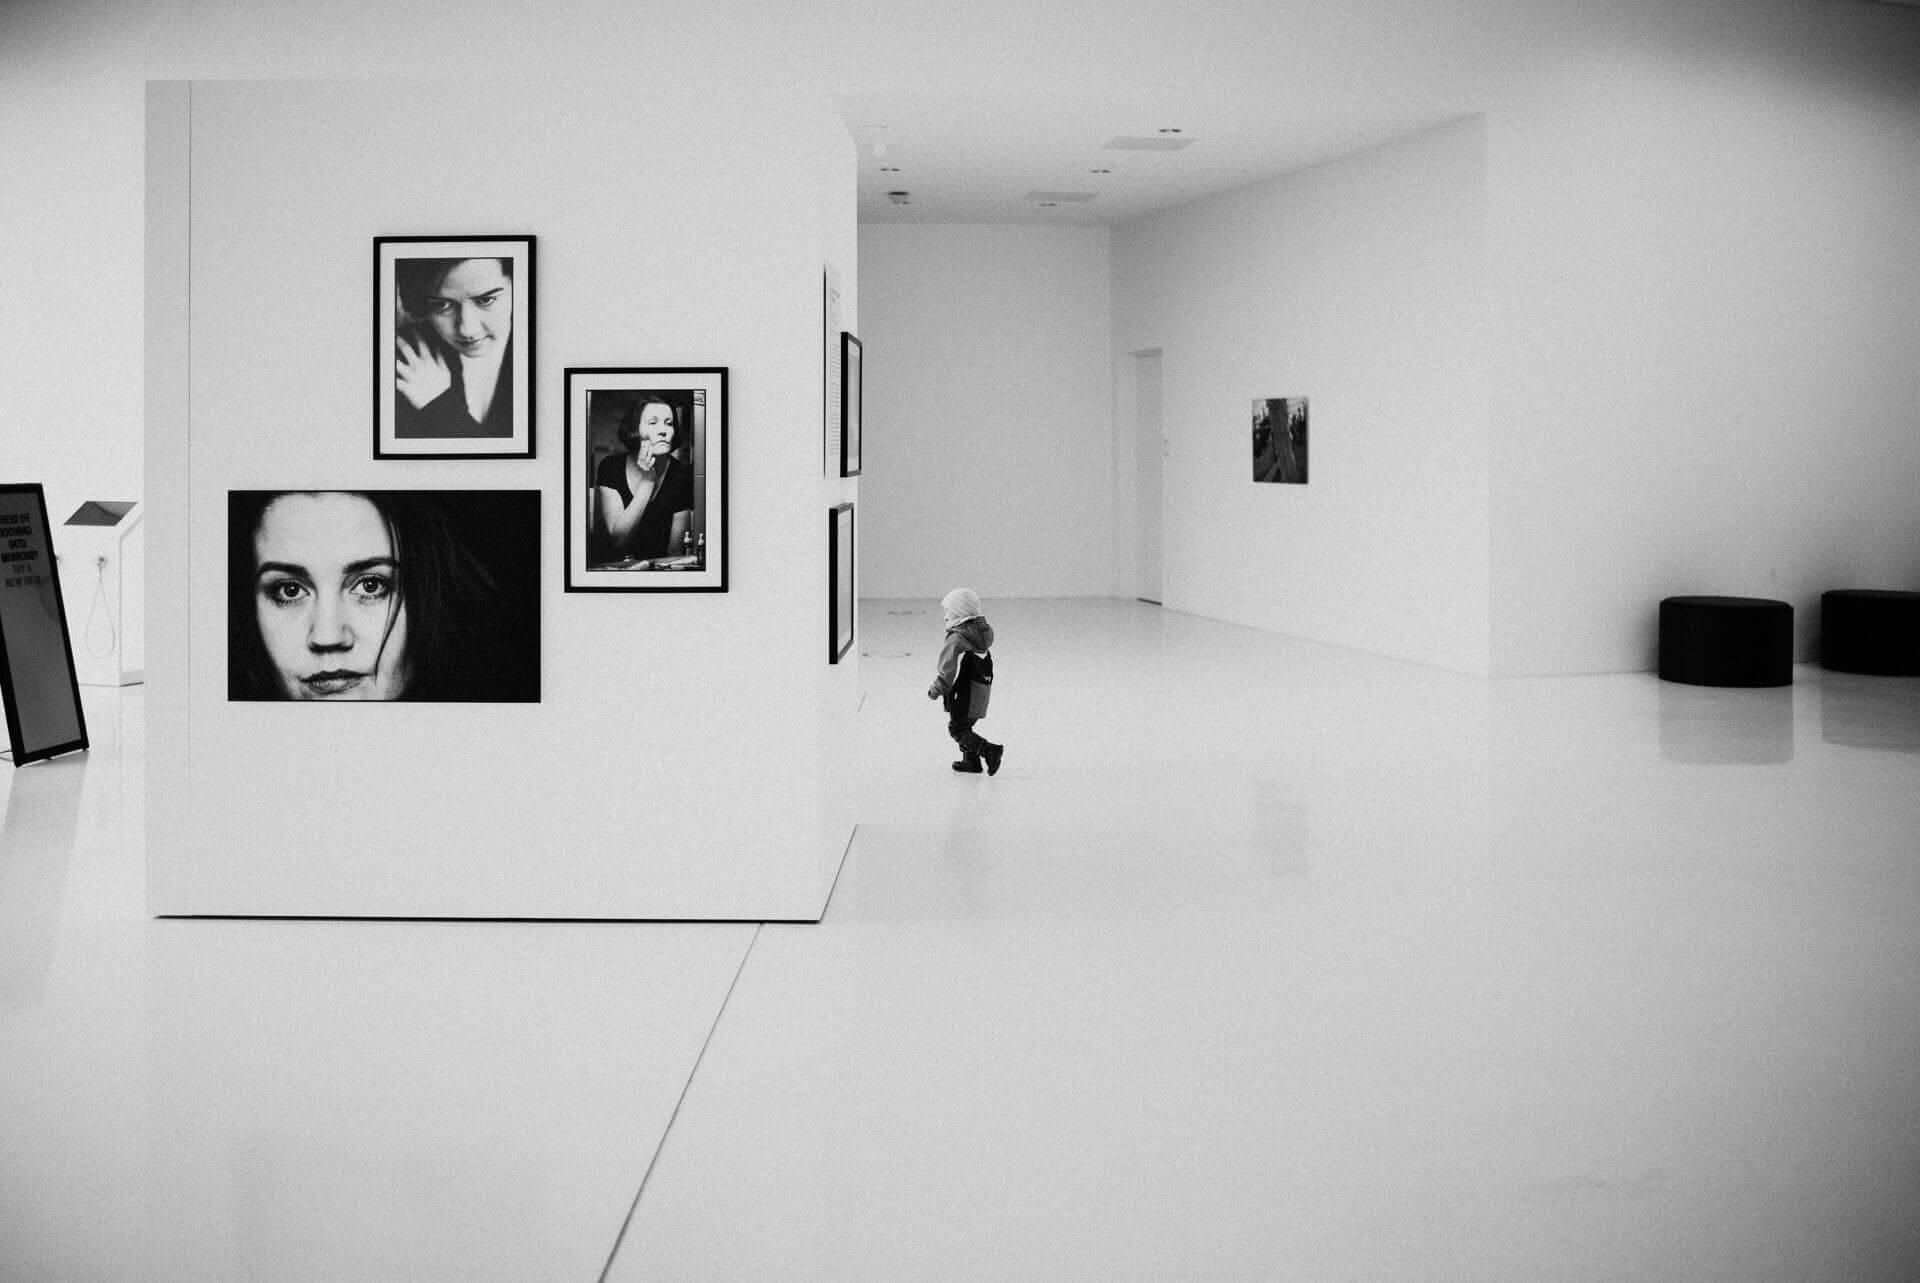 Erster-Tag-mit-der-Leica-M-16-von-40.jpg